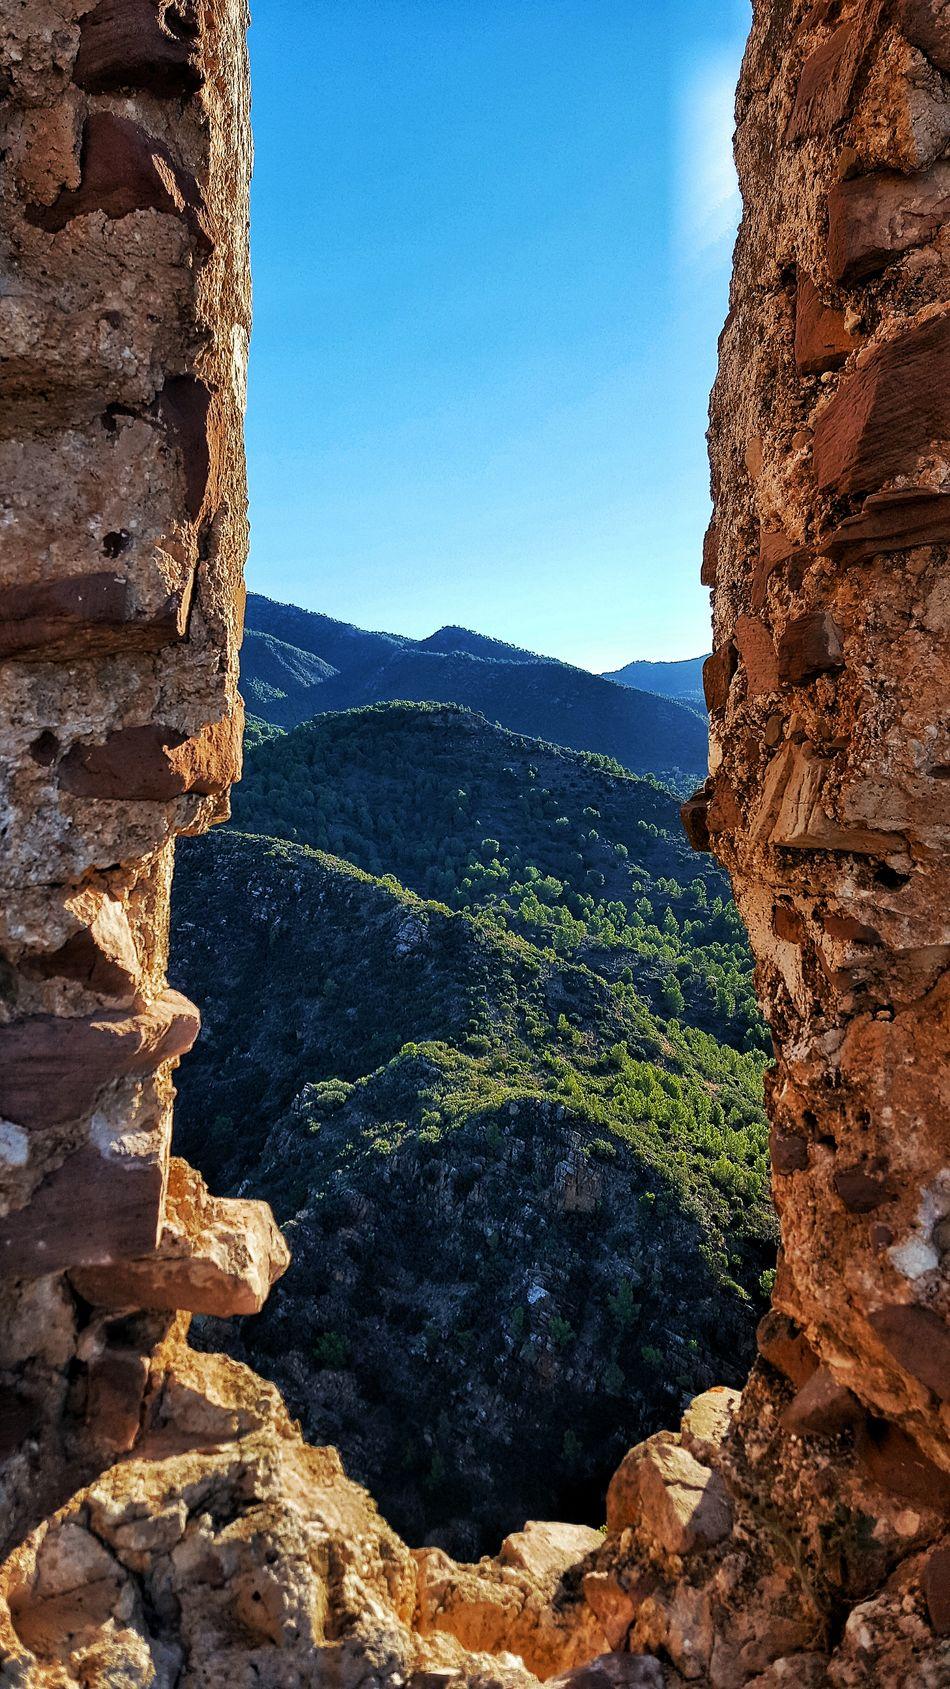 Montaña Montanas Mountains Mountain Montaña De España Castillo Del Real Castillo Del Real Olocau Sierra Calderona